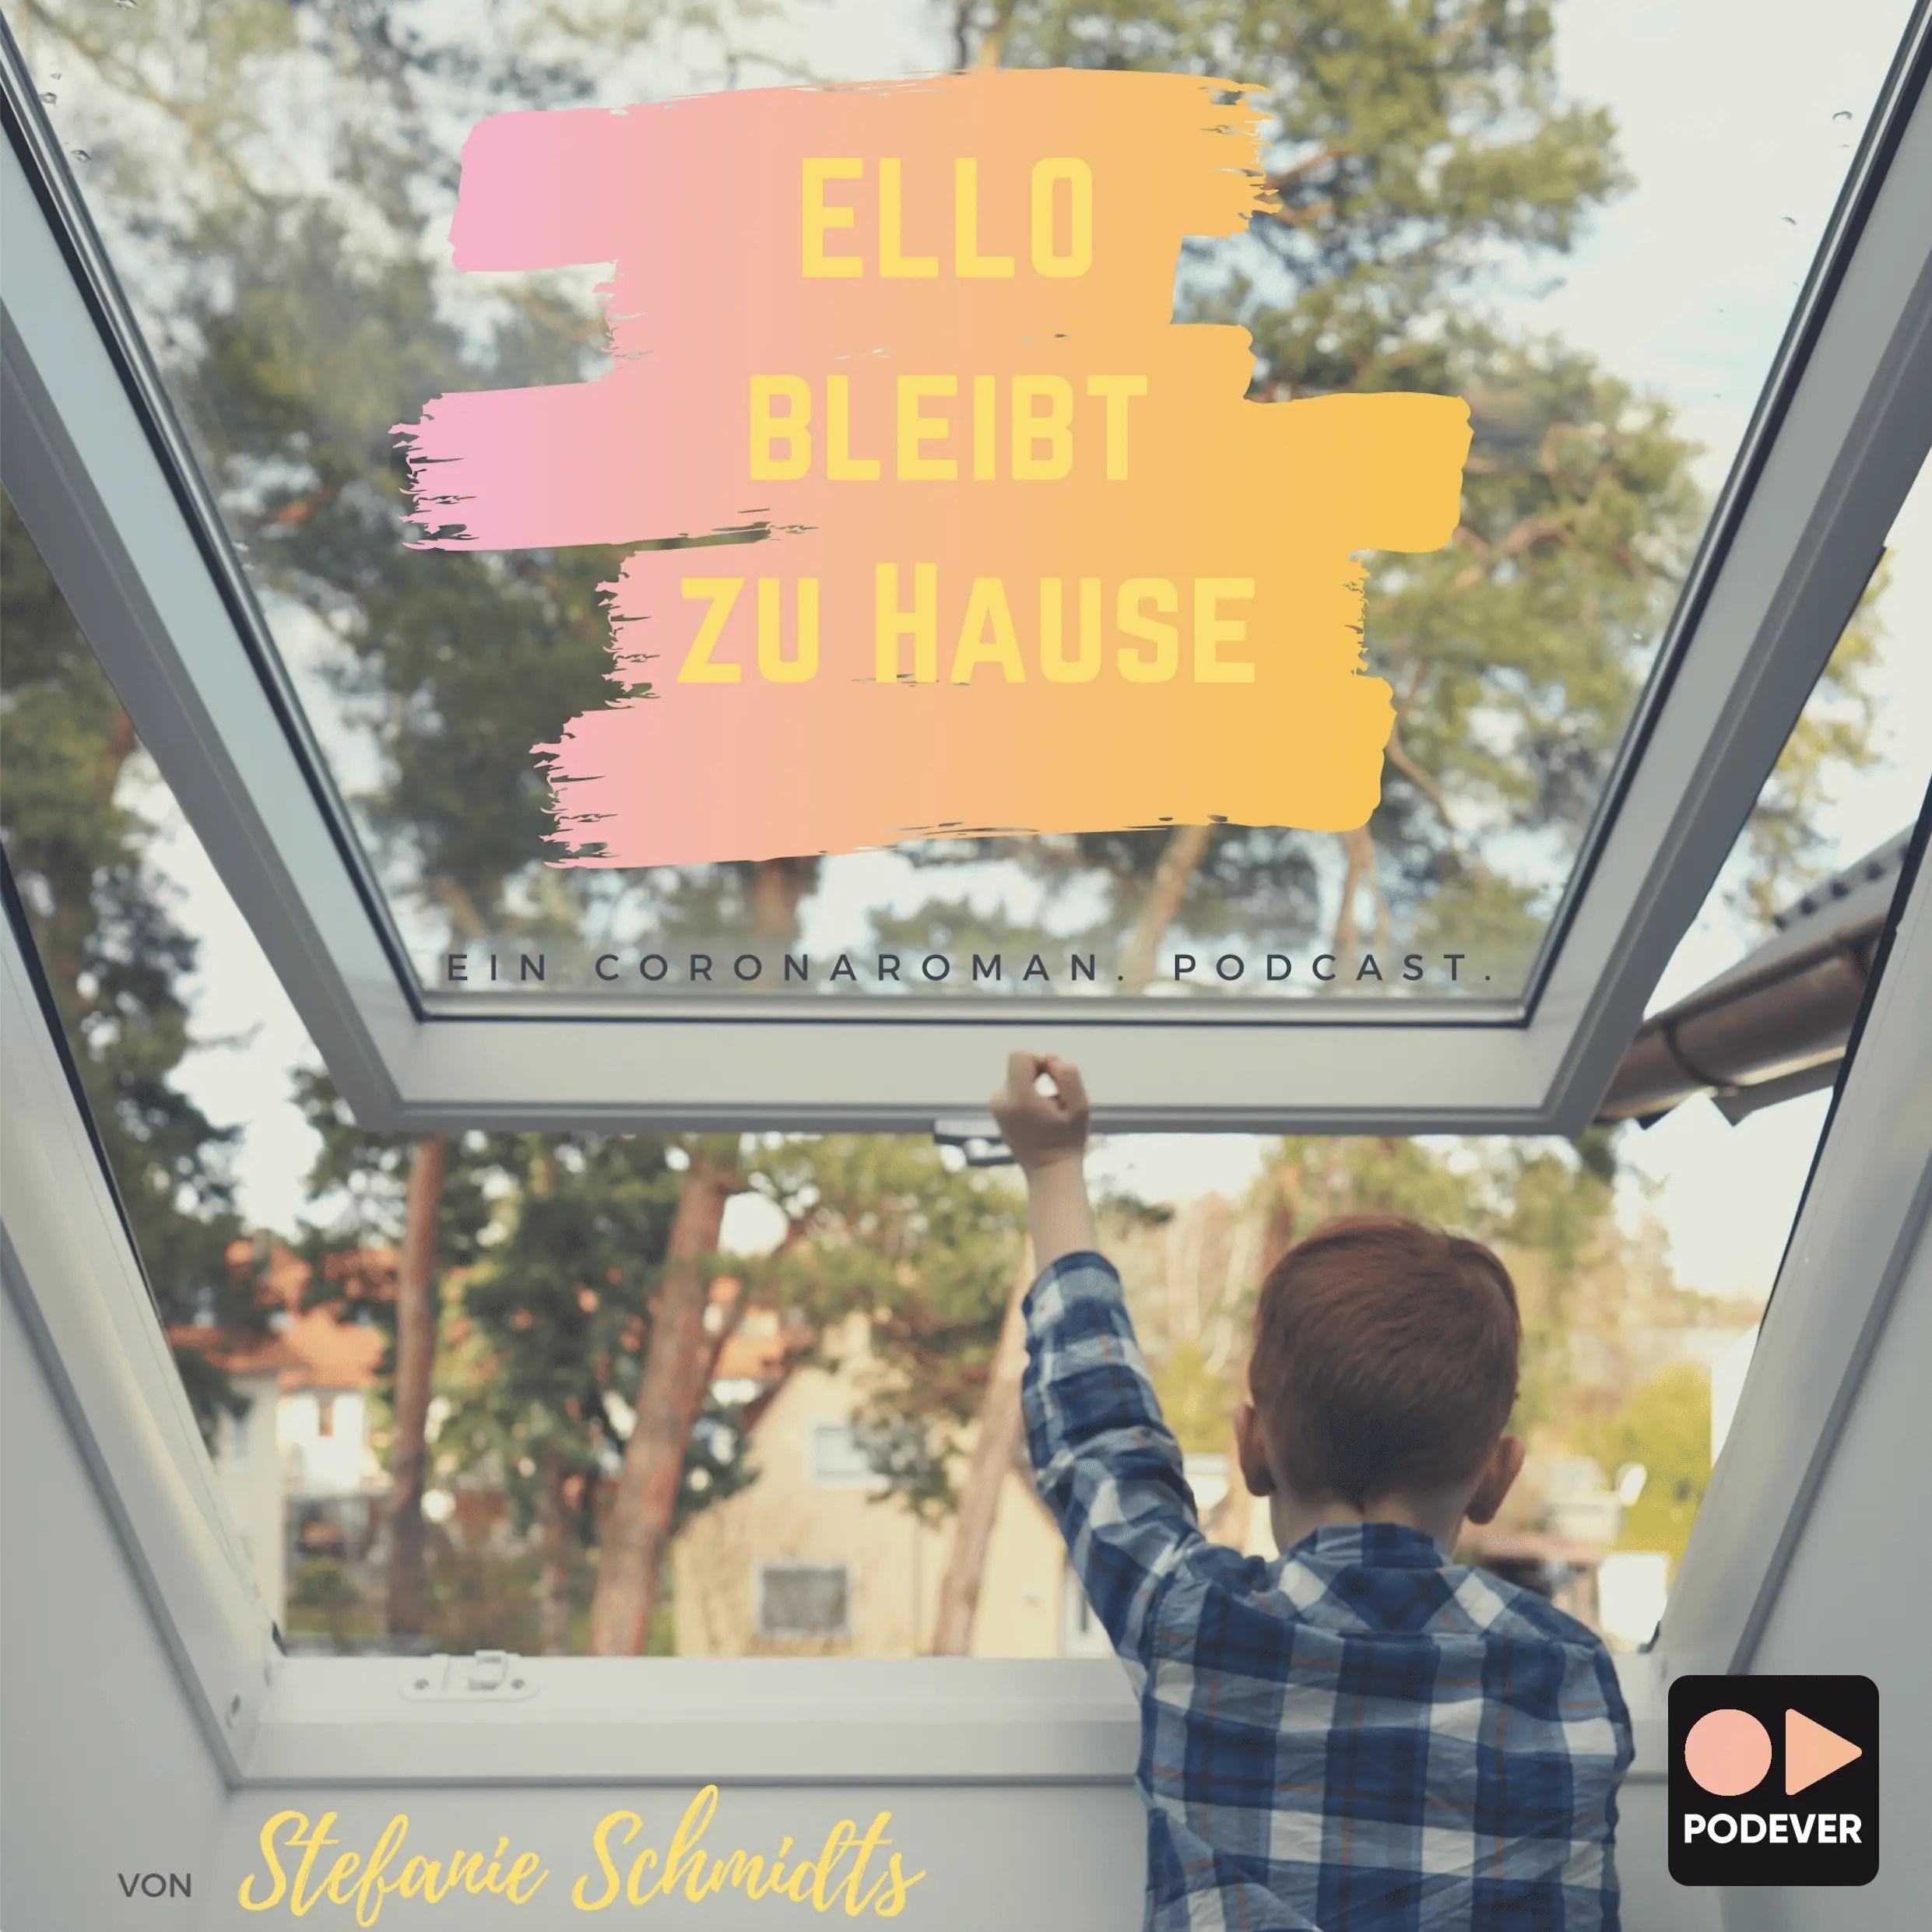 Podcast: Ello bleibt zu Hause